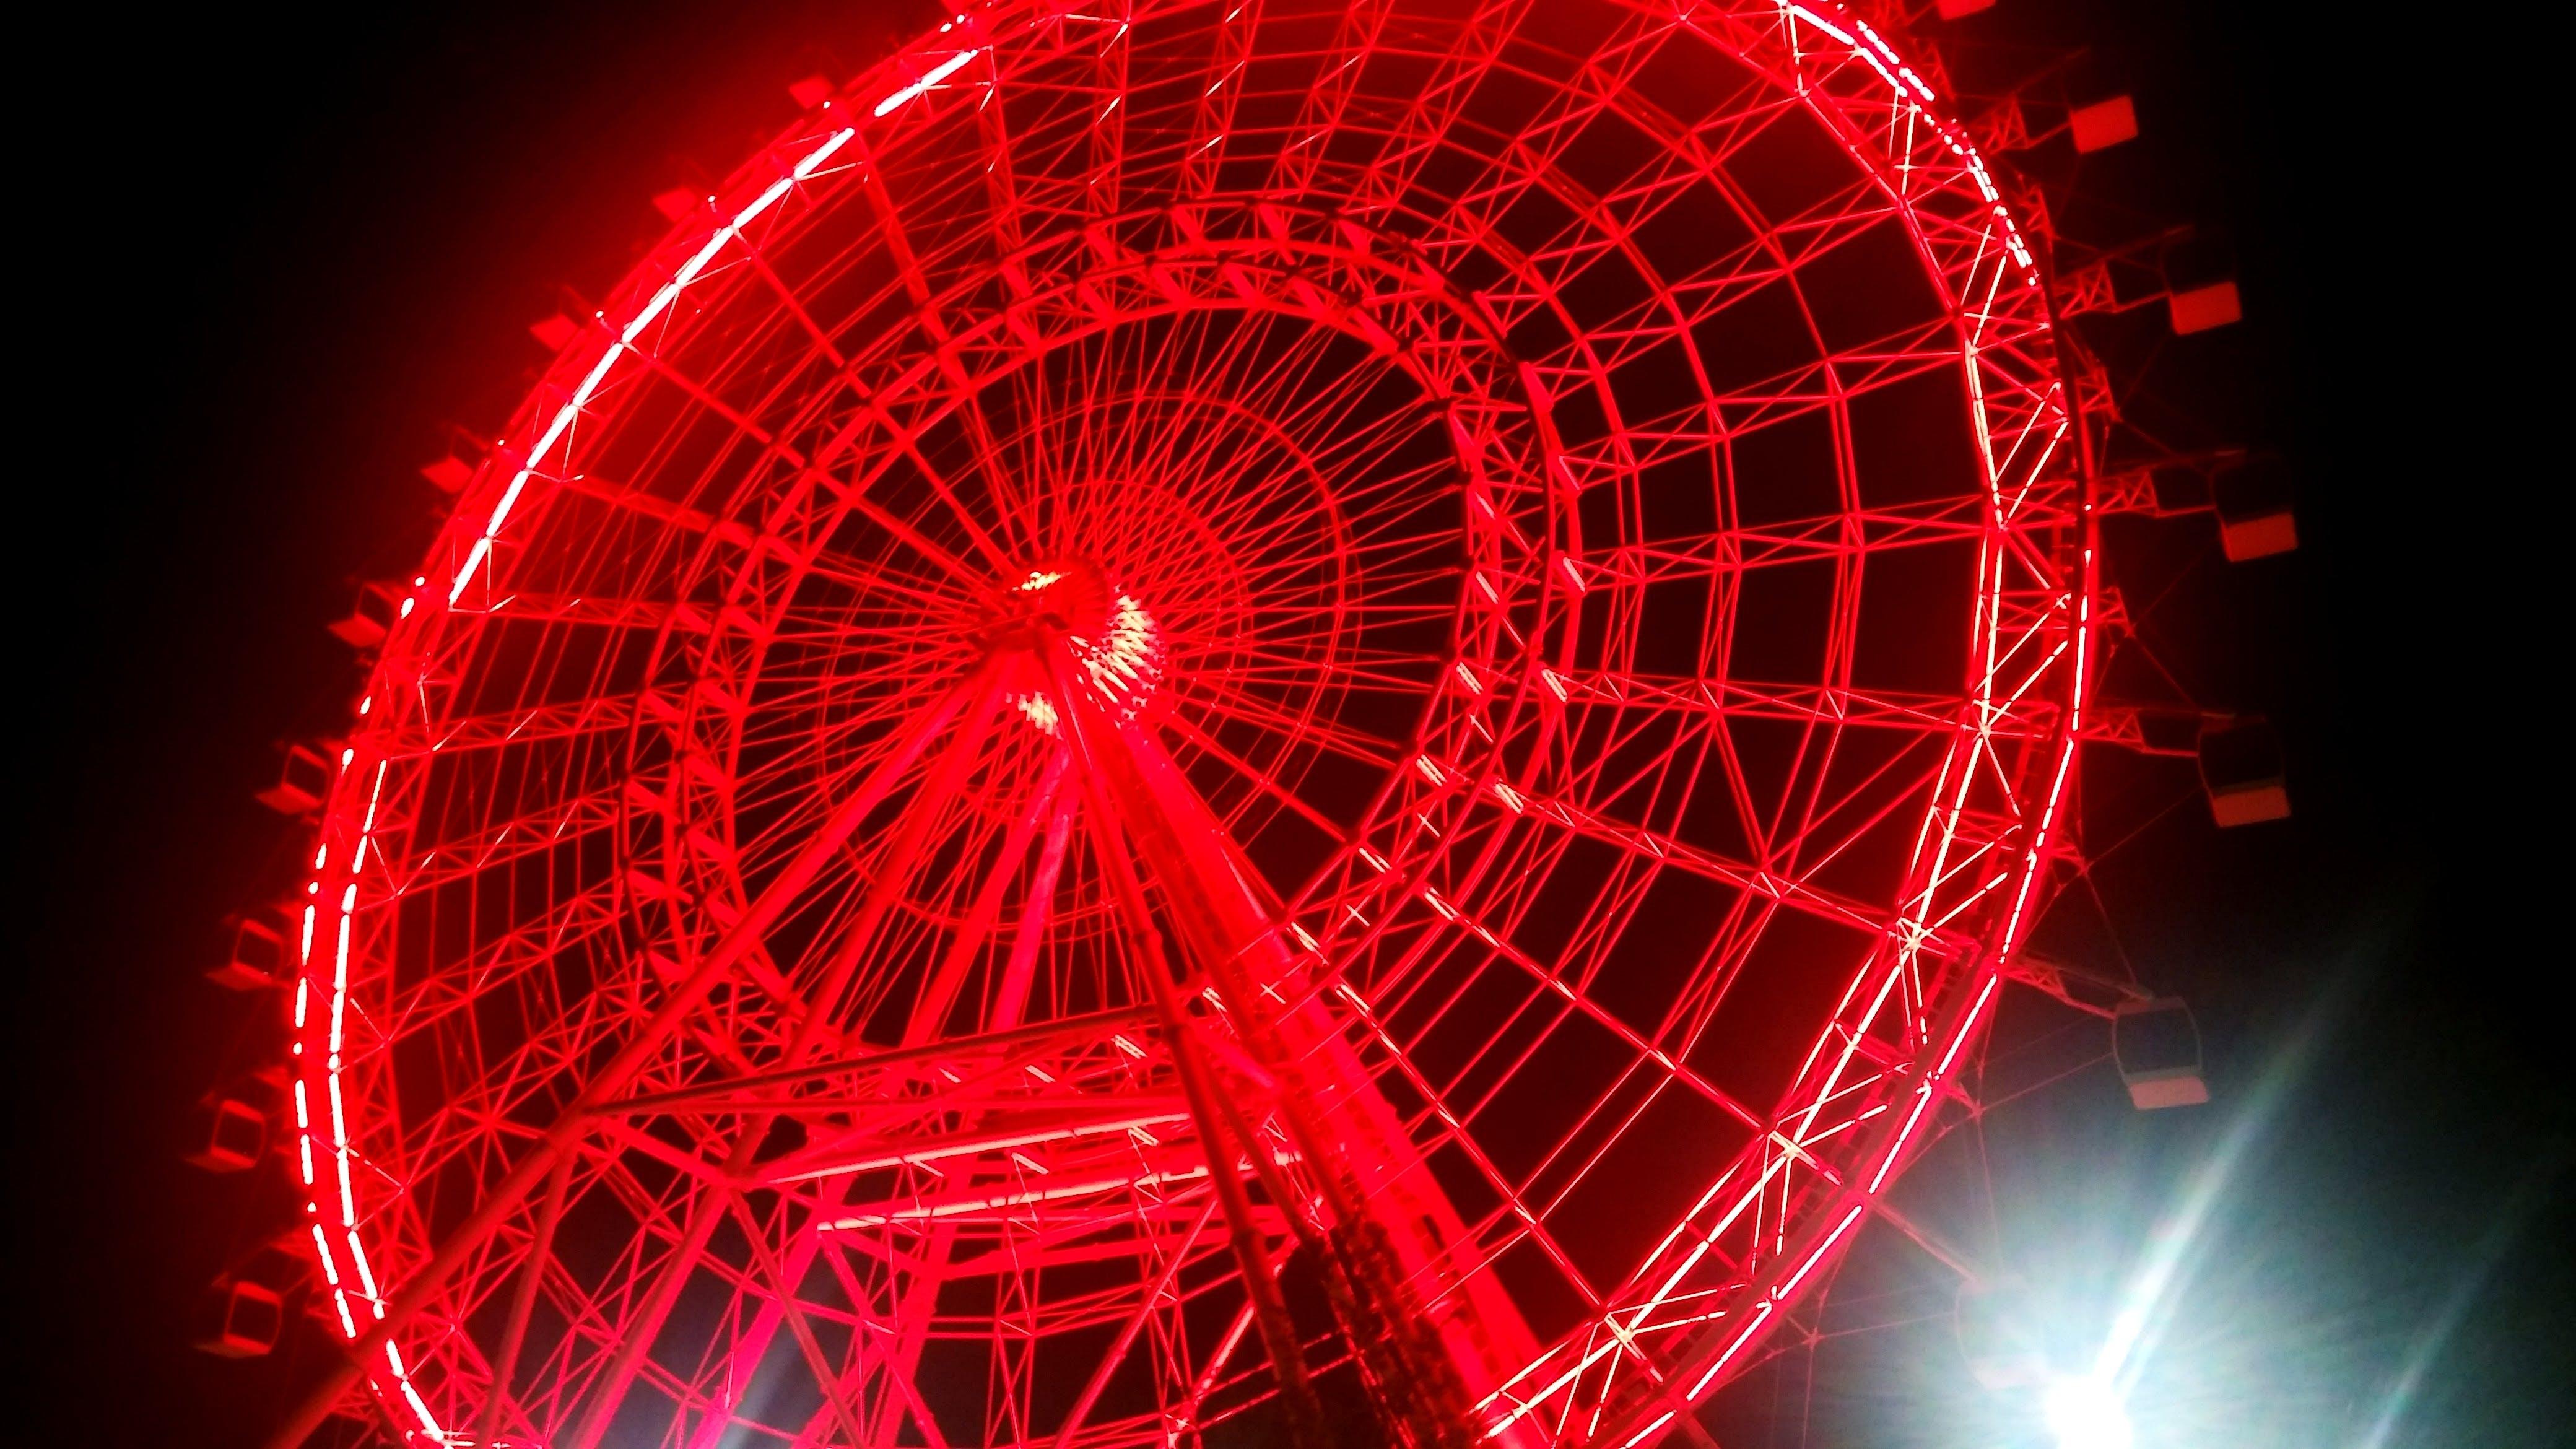 Ferris Wheel during Night Time